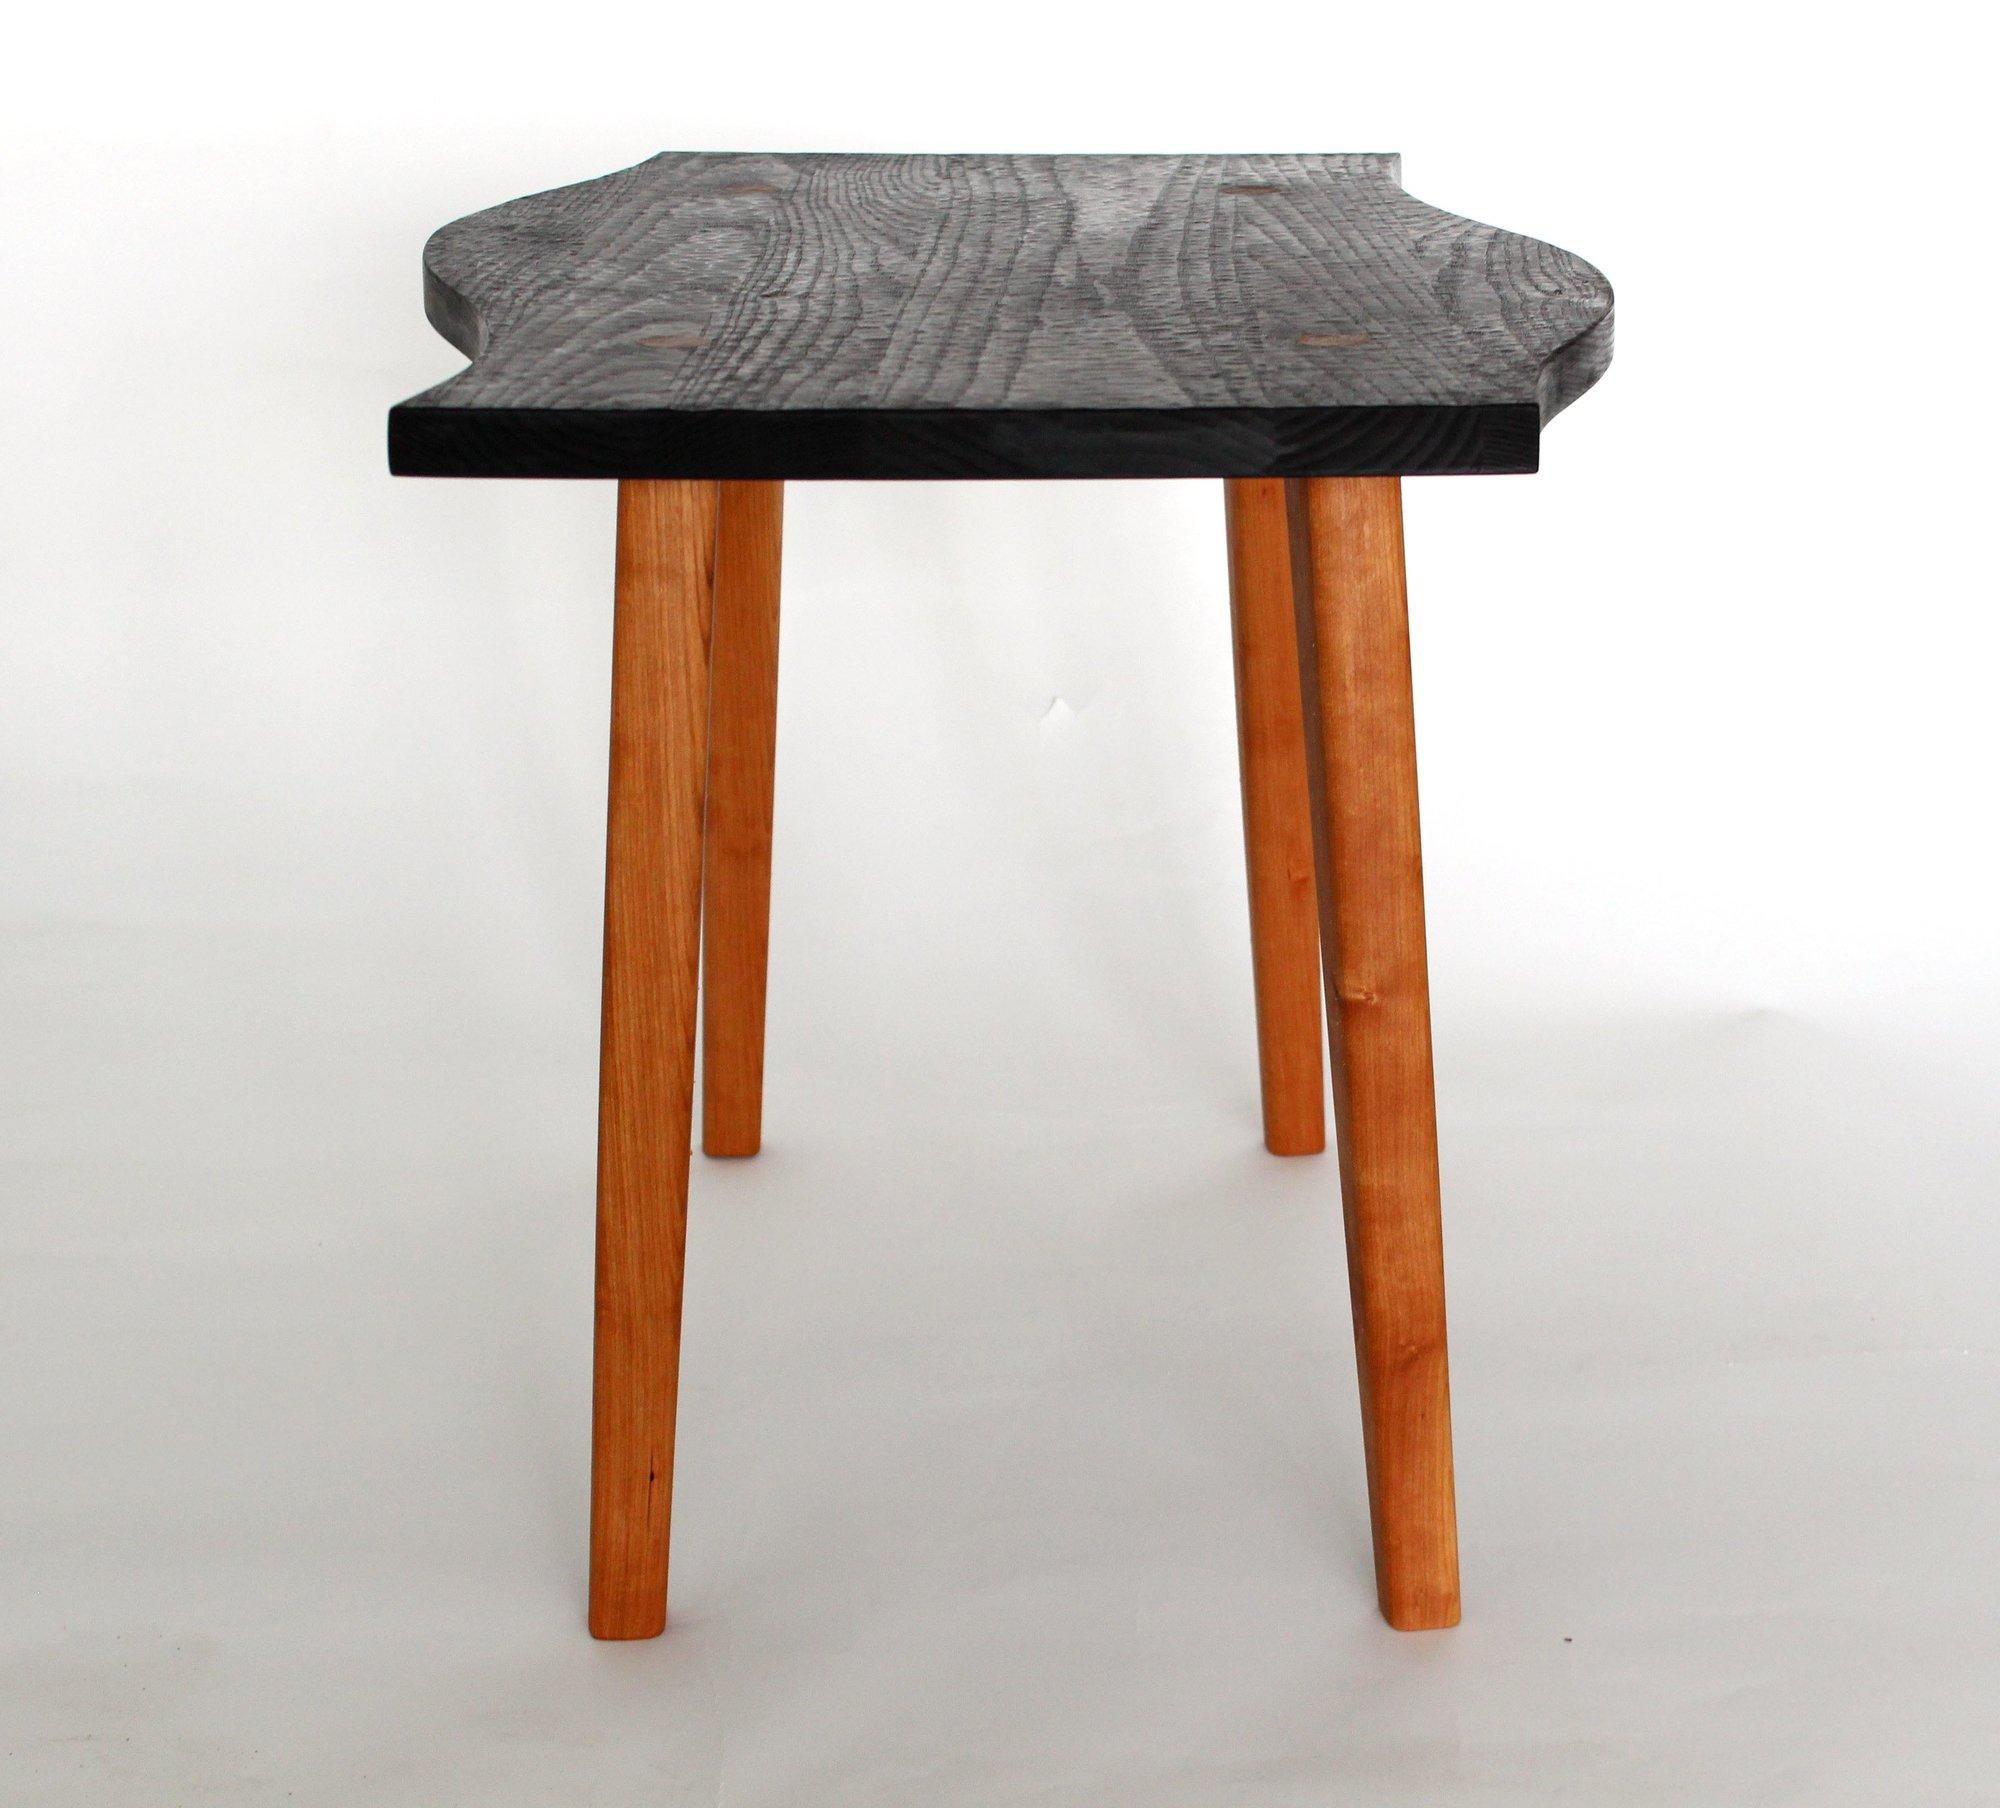 Tilde table